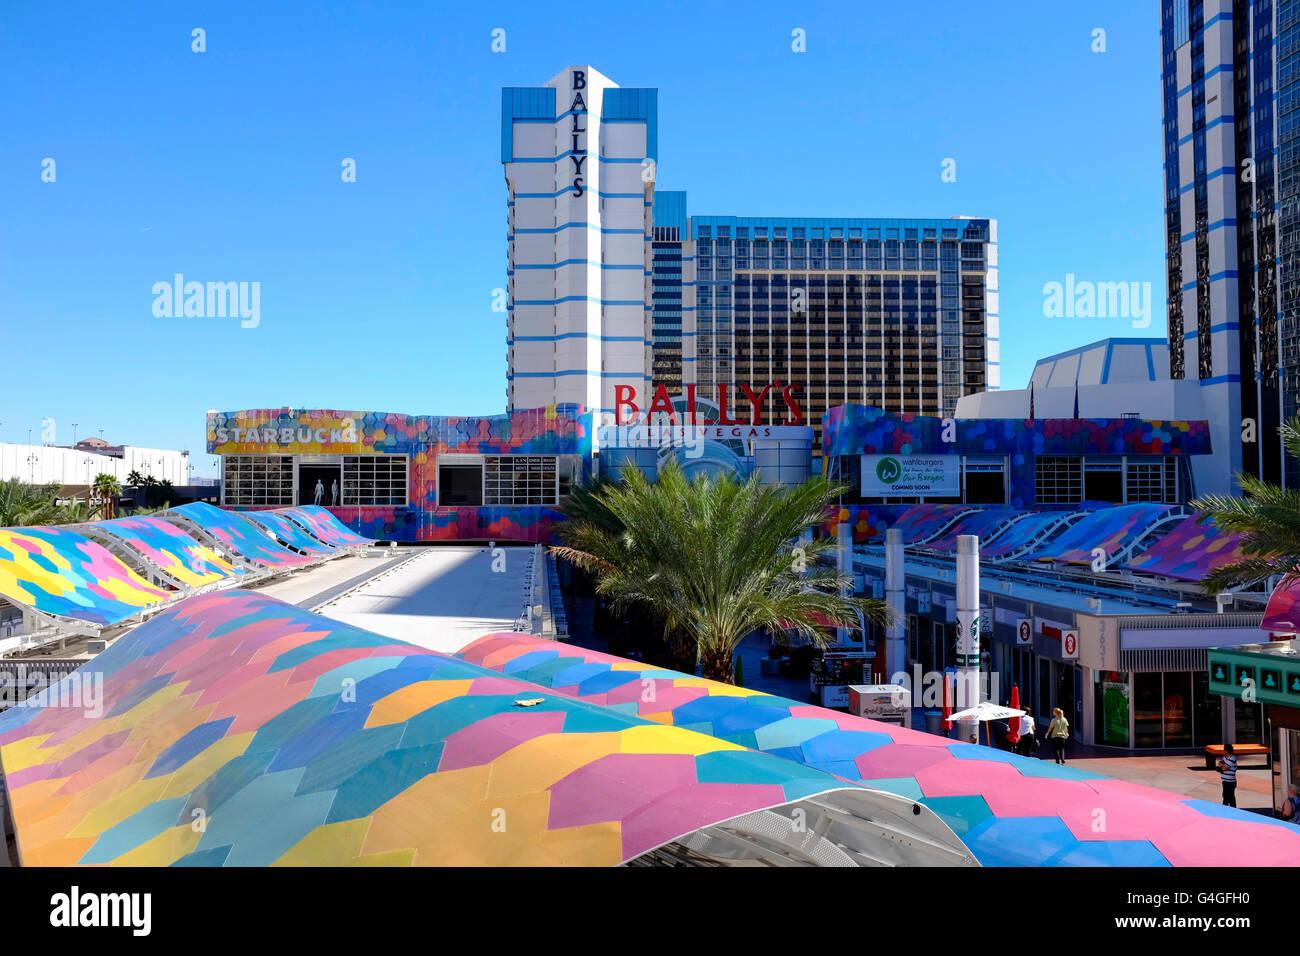 Ballys Hotel, Las Vegas, USA - Stock Image